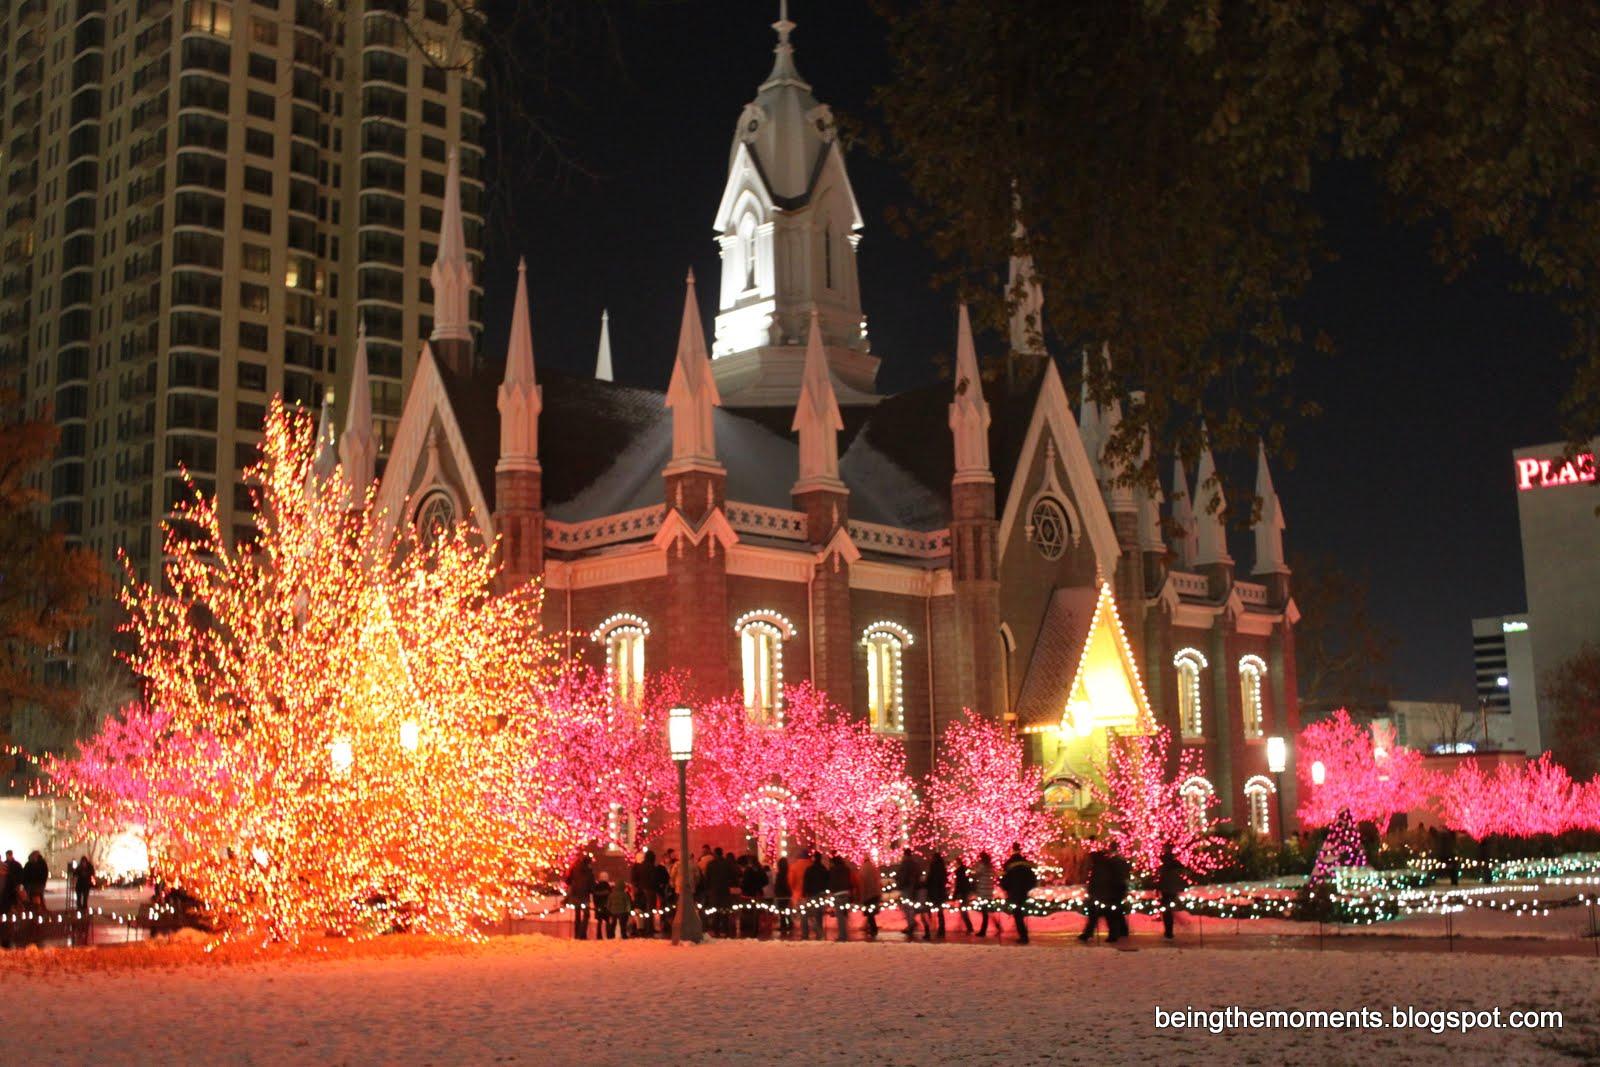 Temple Square Salt Lake City Christmas Lights.Christmas Lights Temple Square Salt Lake City Utah Usa